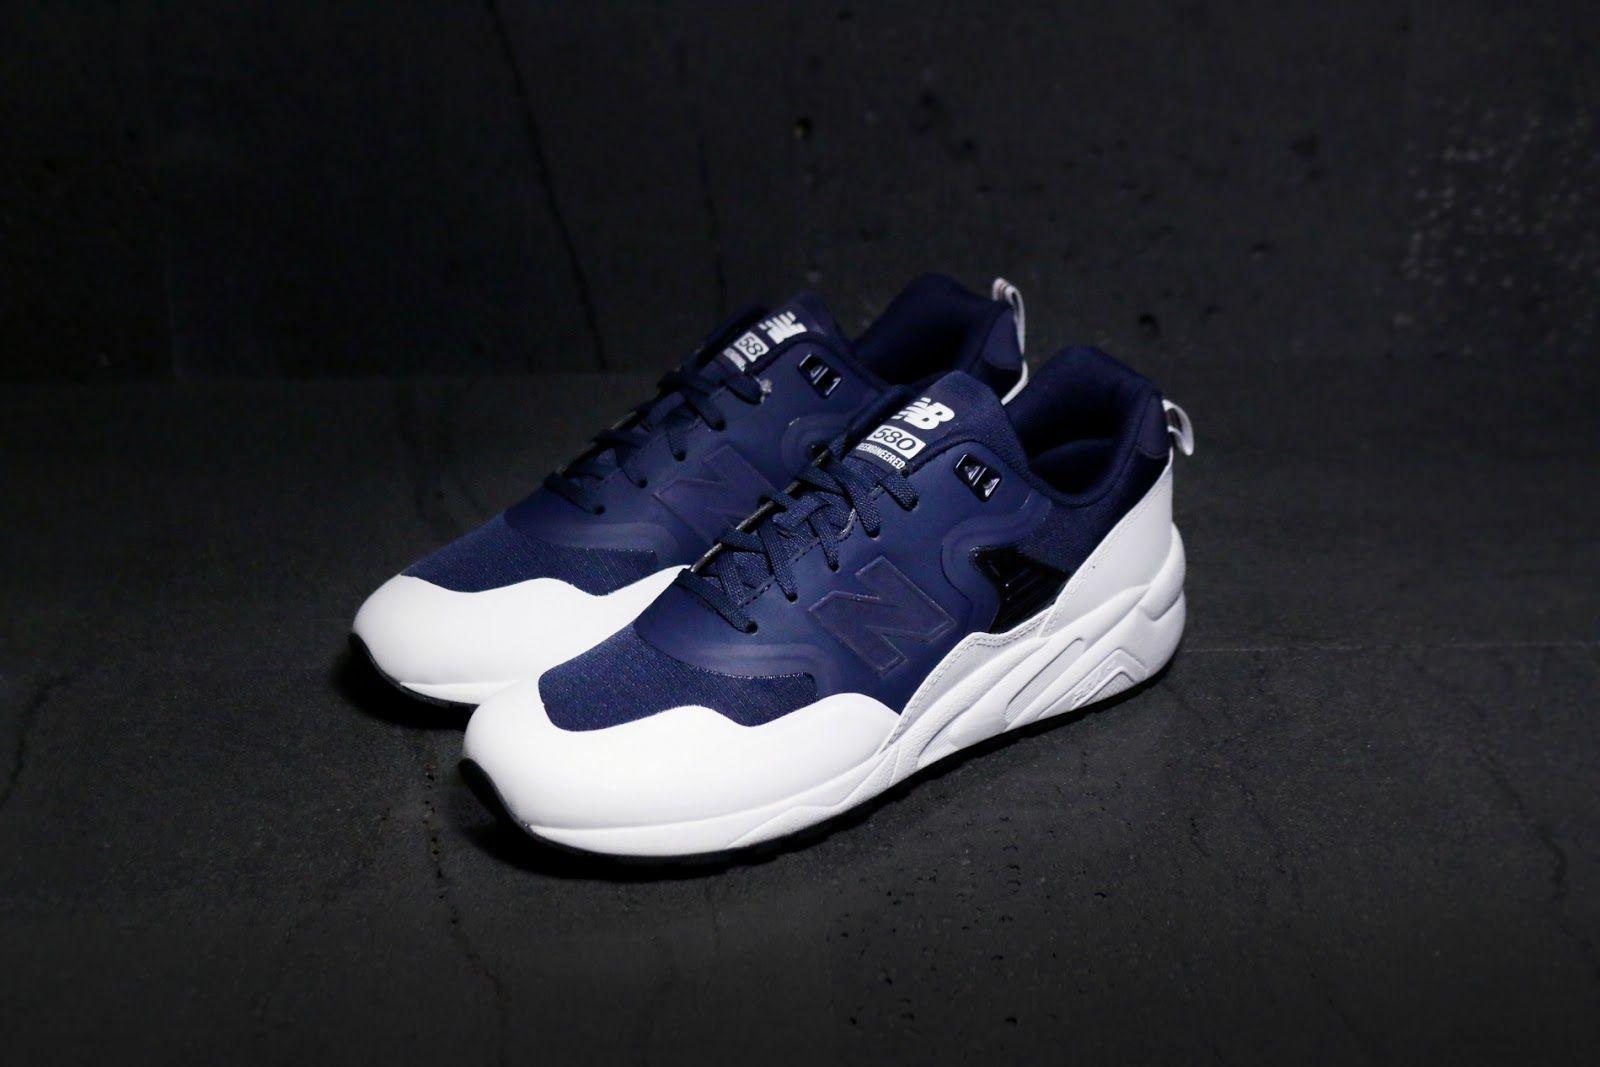 SPORTSWEAR ™®  Kicks  Mita Sneakers x New Balance MRT580 20th Anniversary  Limited Edition. 0f47760d03